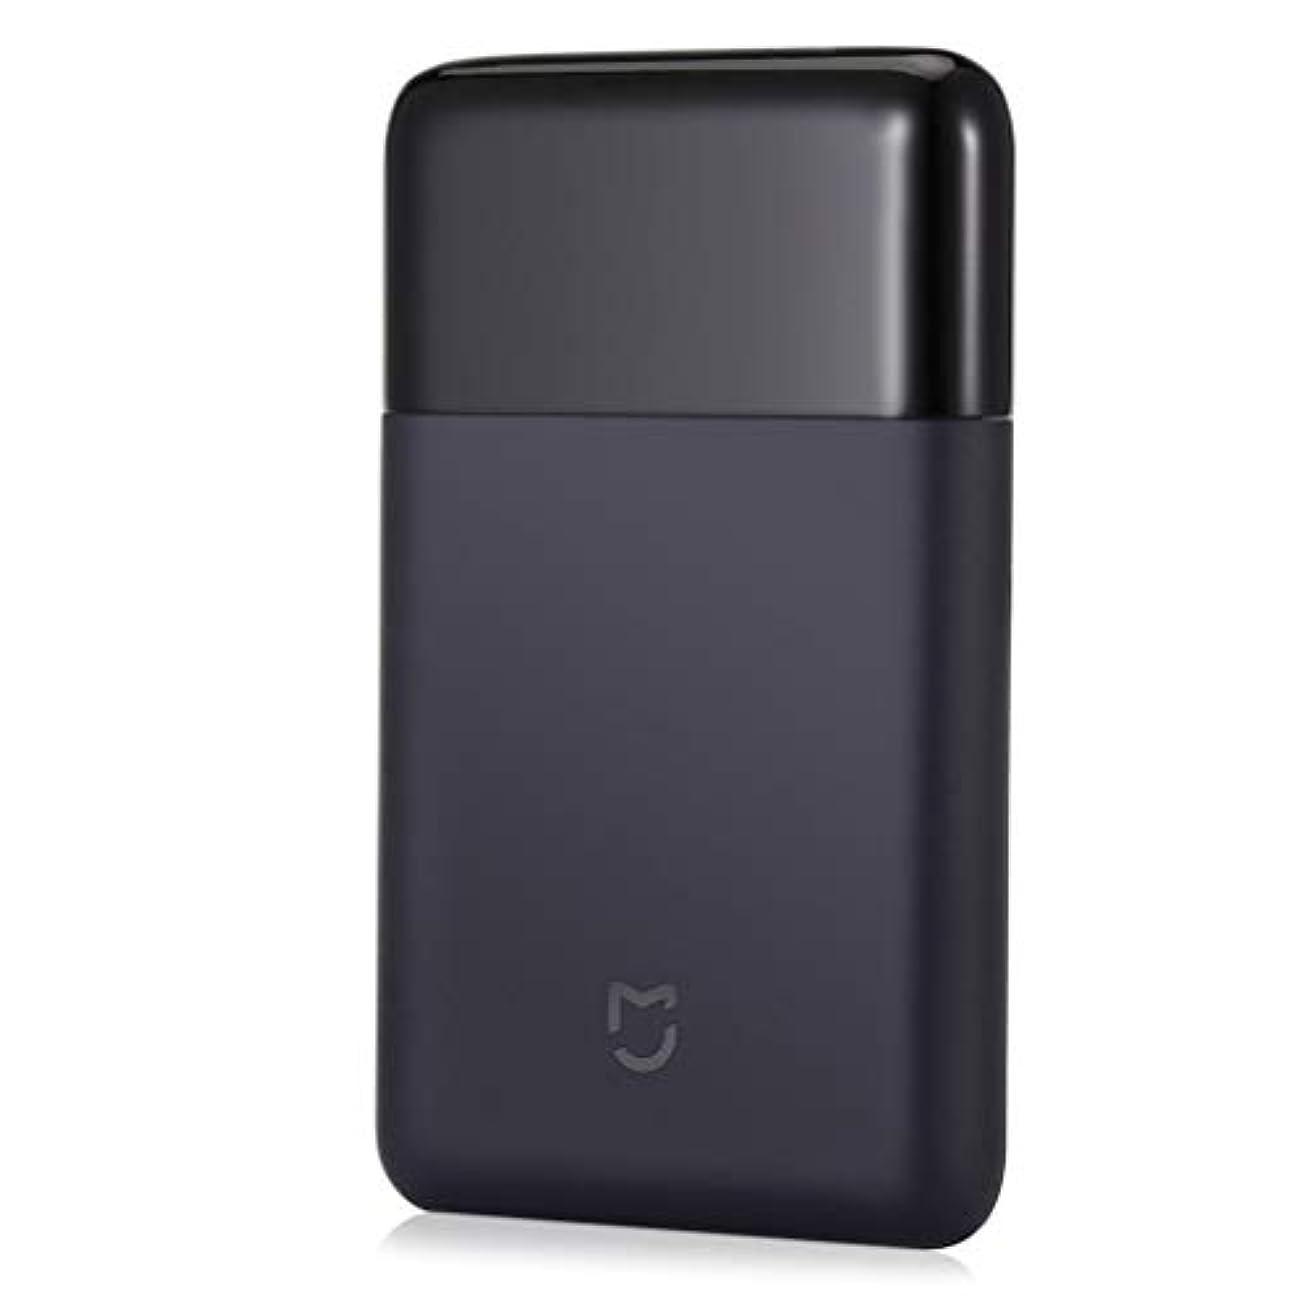 不快イブ批判的のための取り外し可能なカミソリカッターを旅行充電式ポータブル電気シェーバーカミソリスチールメンズアウトドア